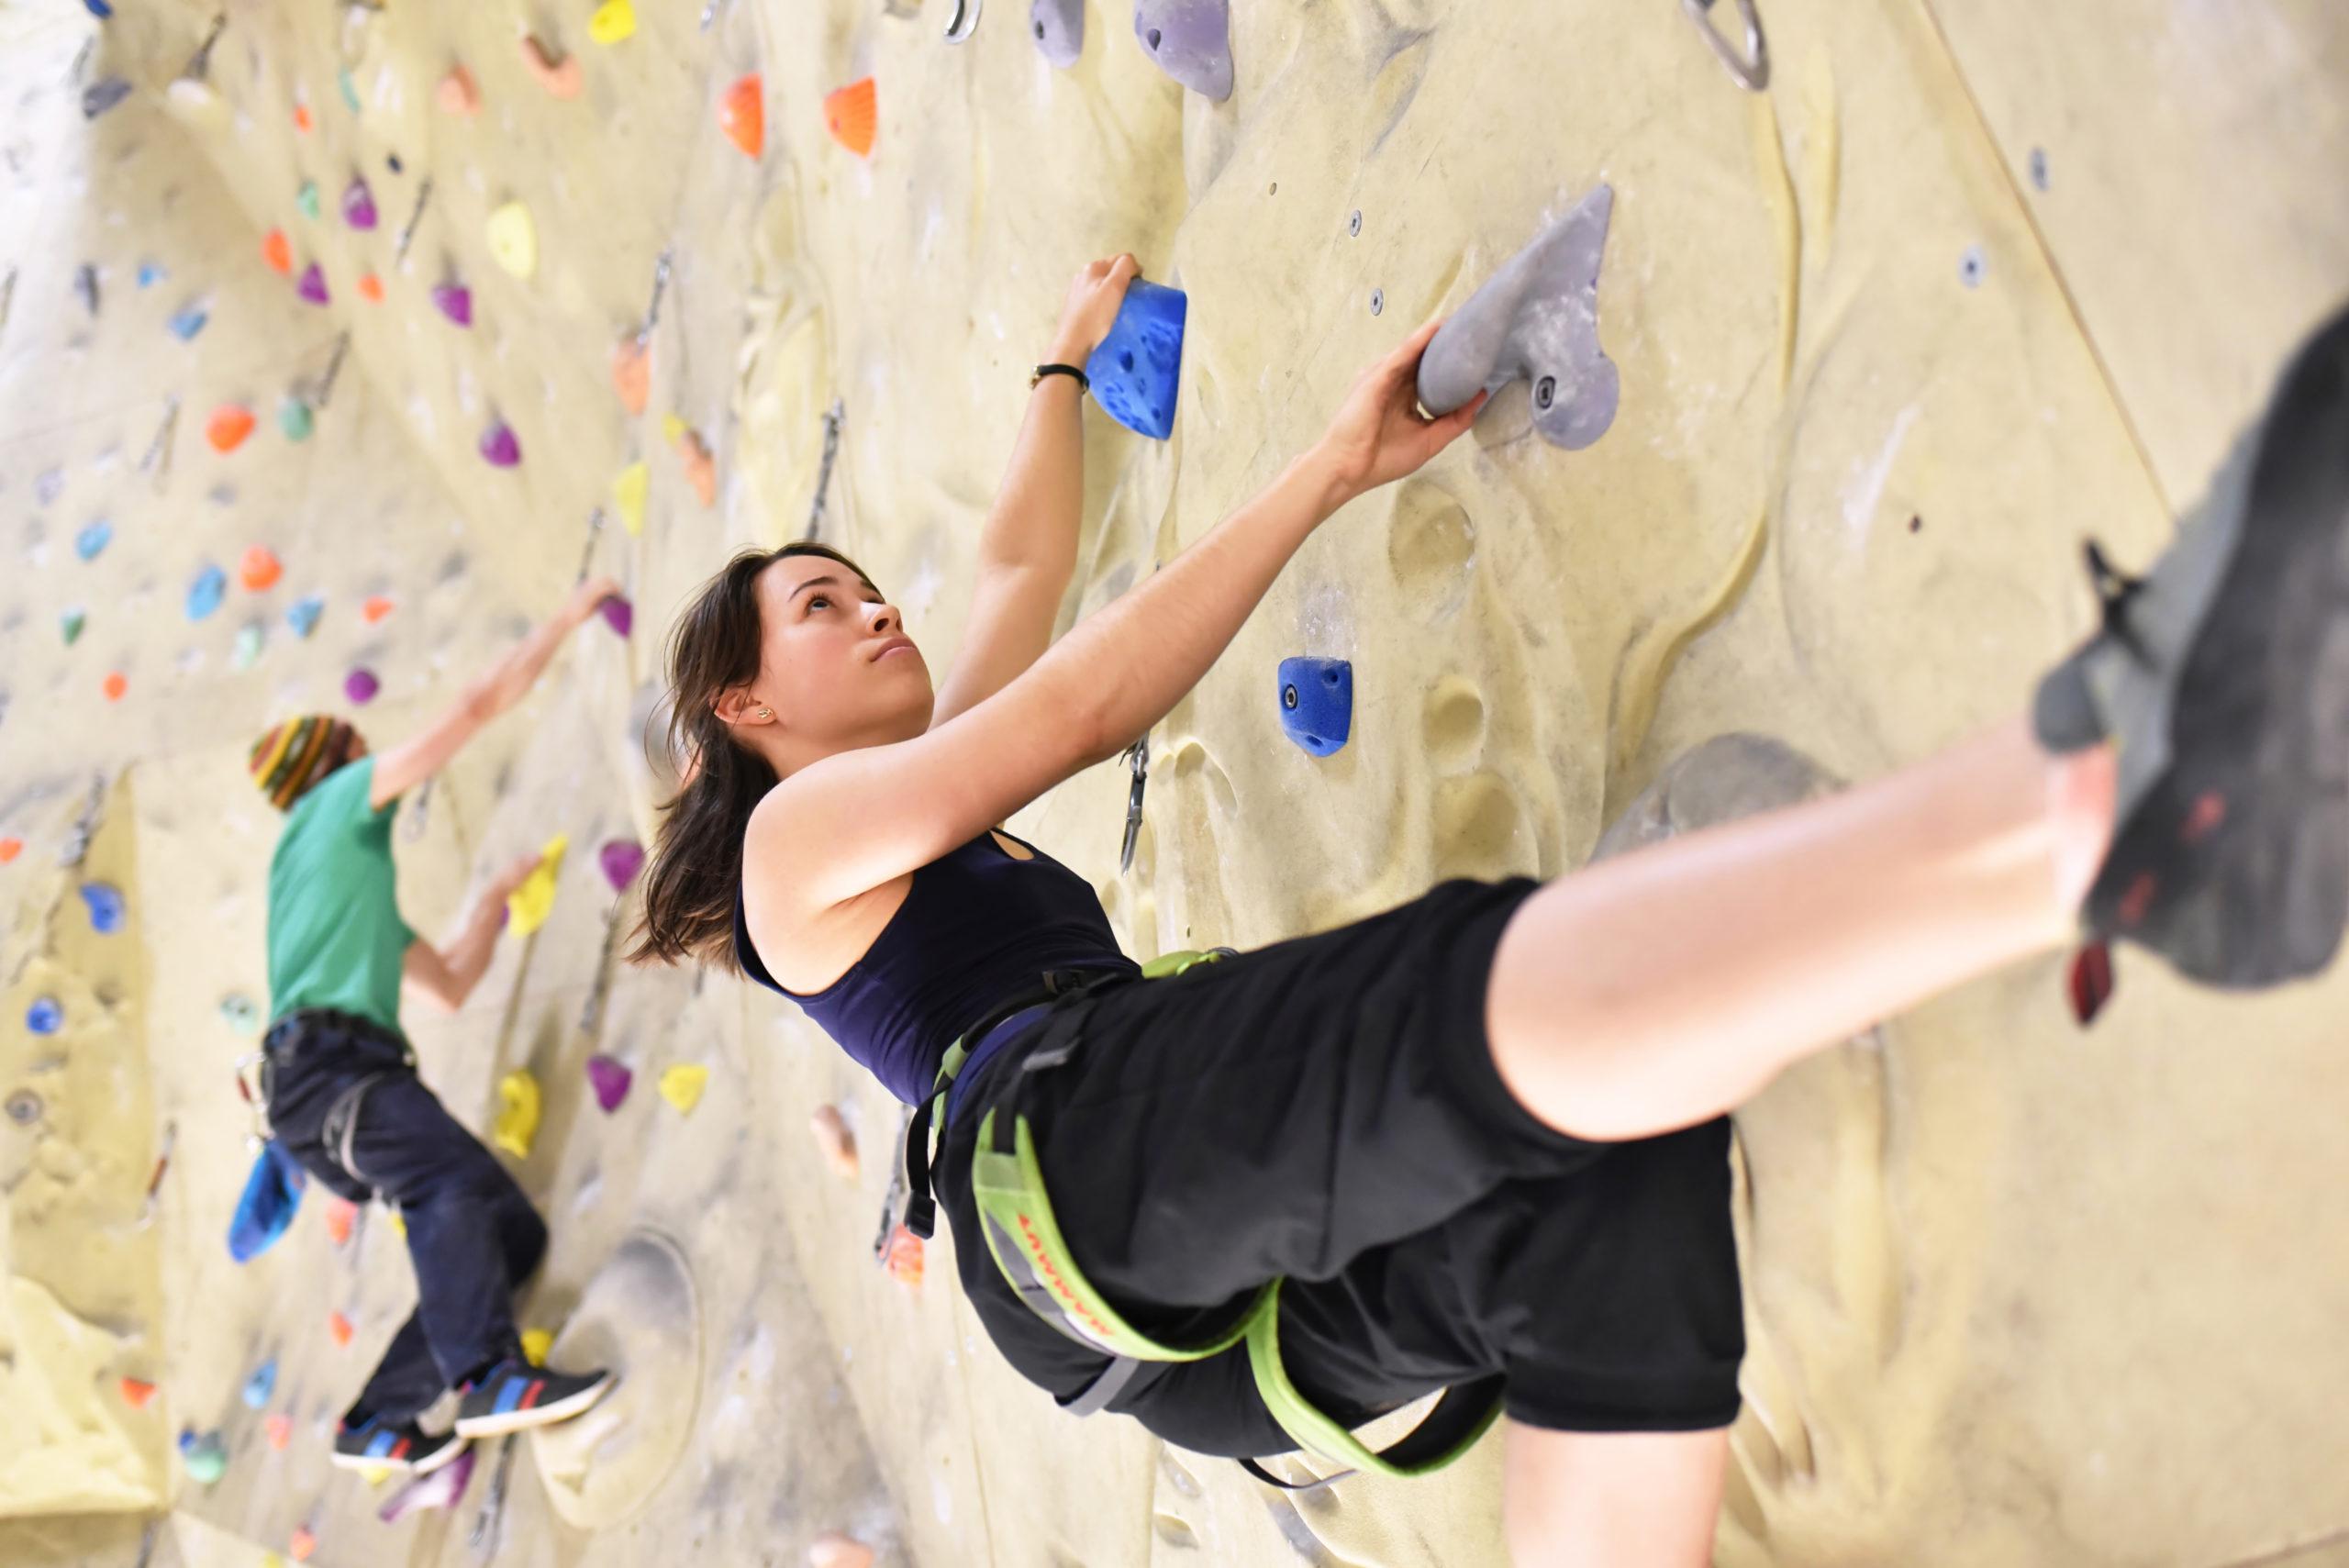 Bouldern: Ein Mann und eine Frau klettern in der Halle